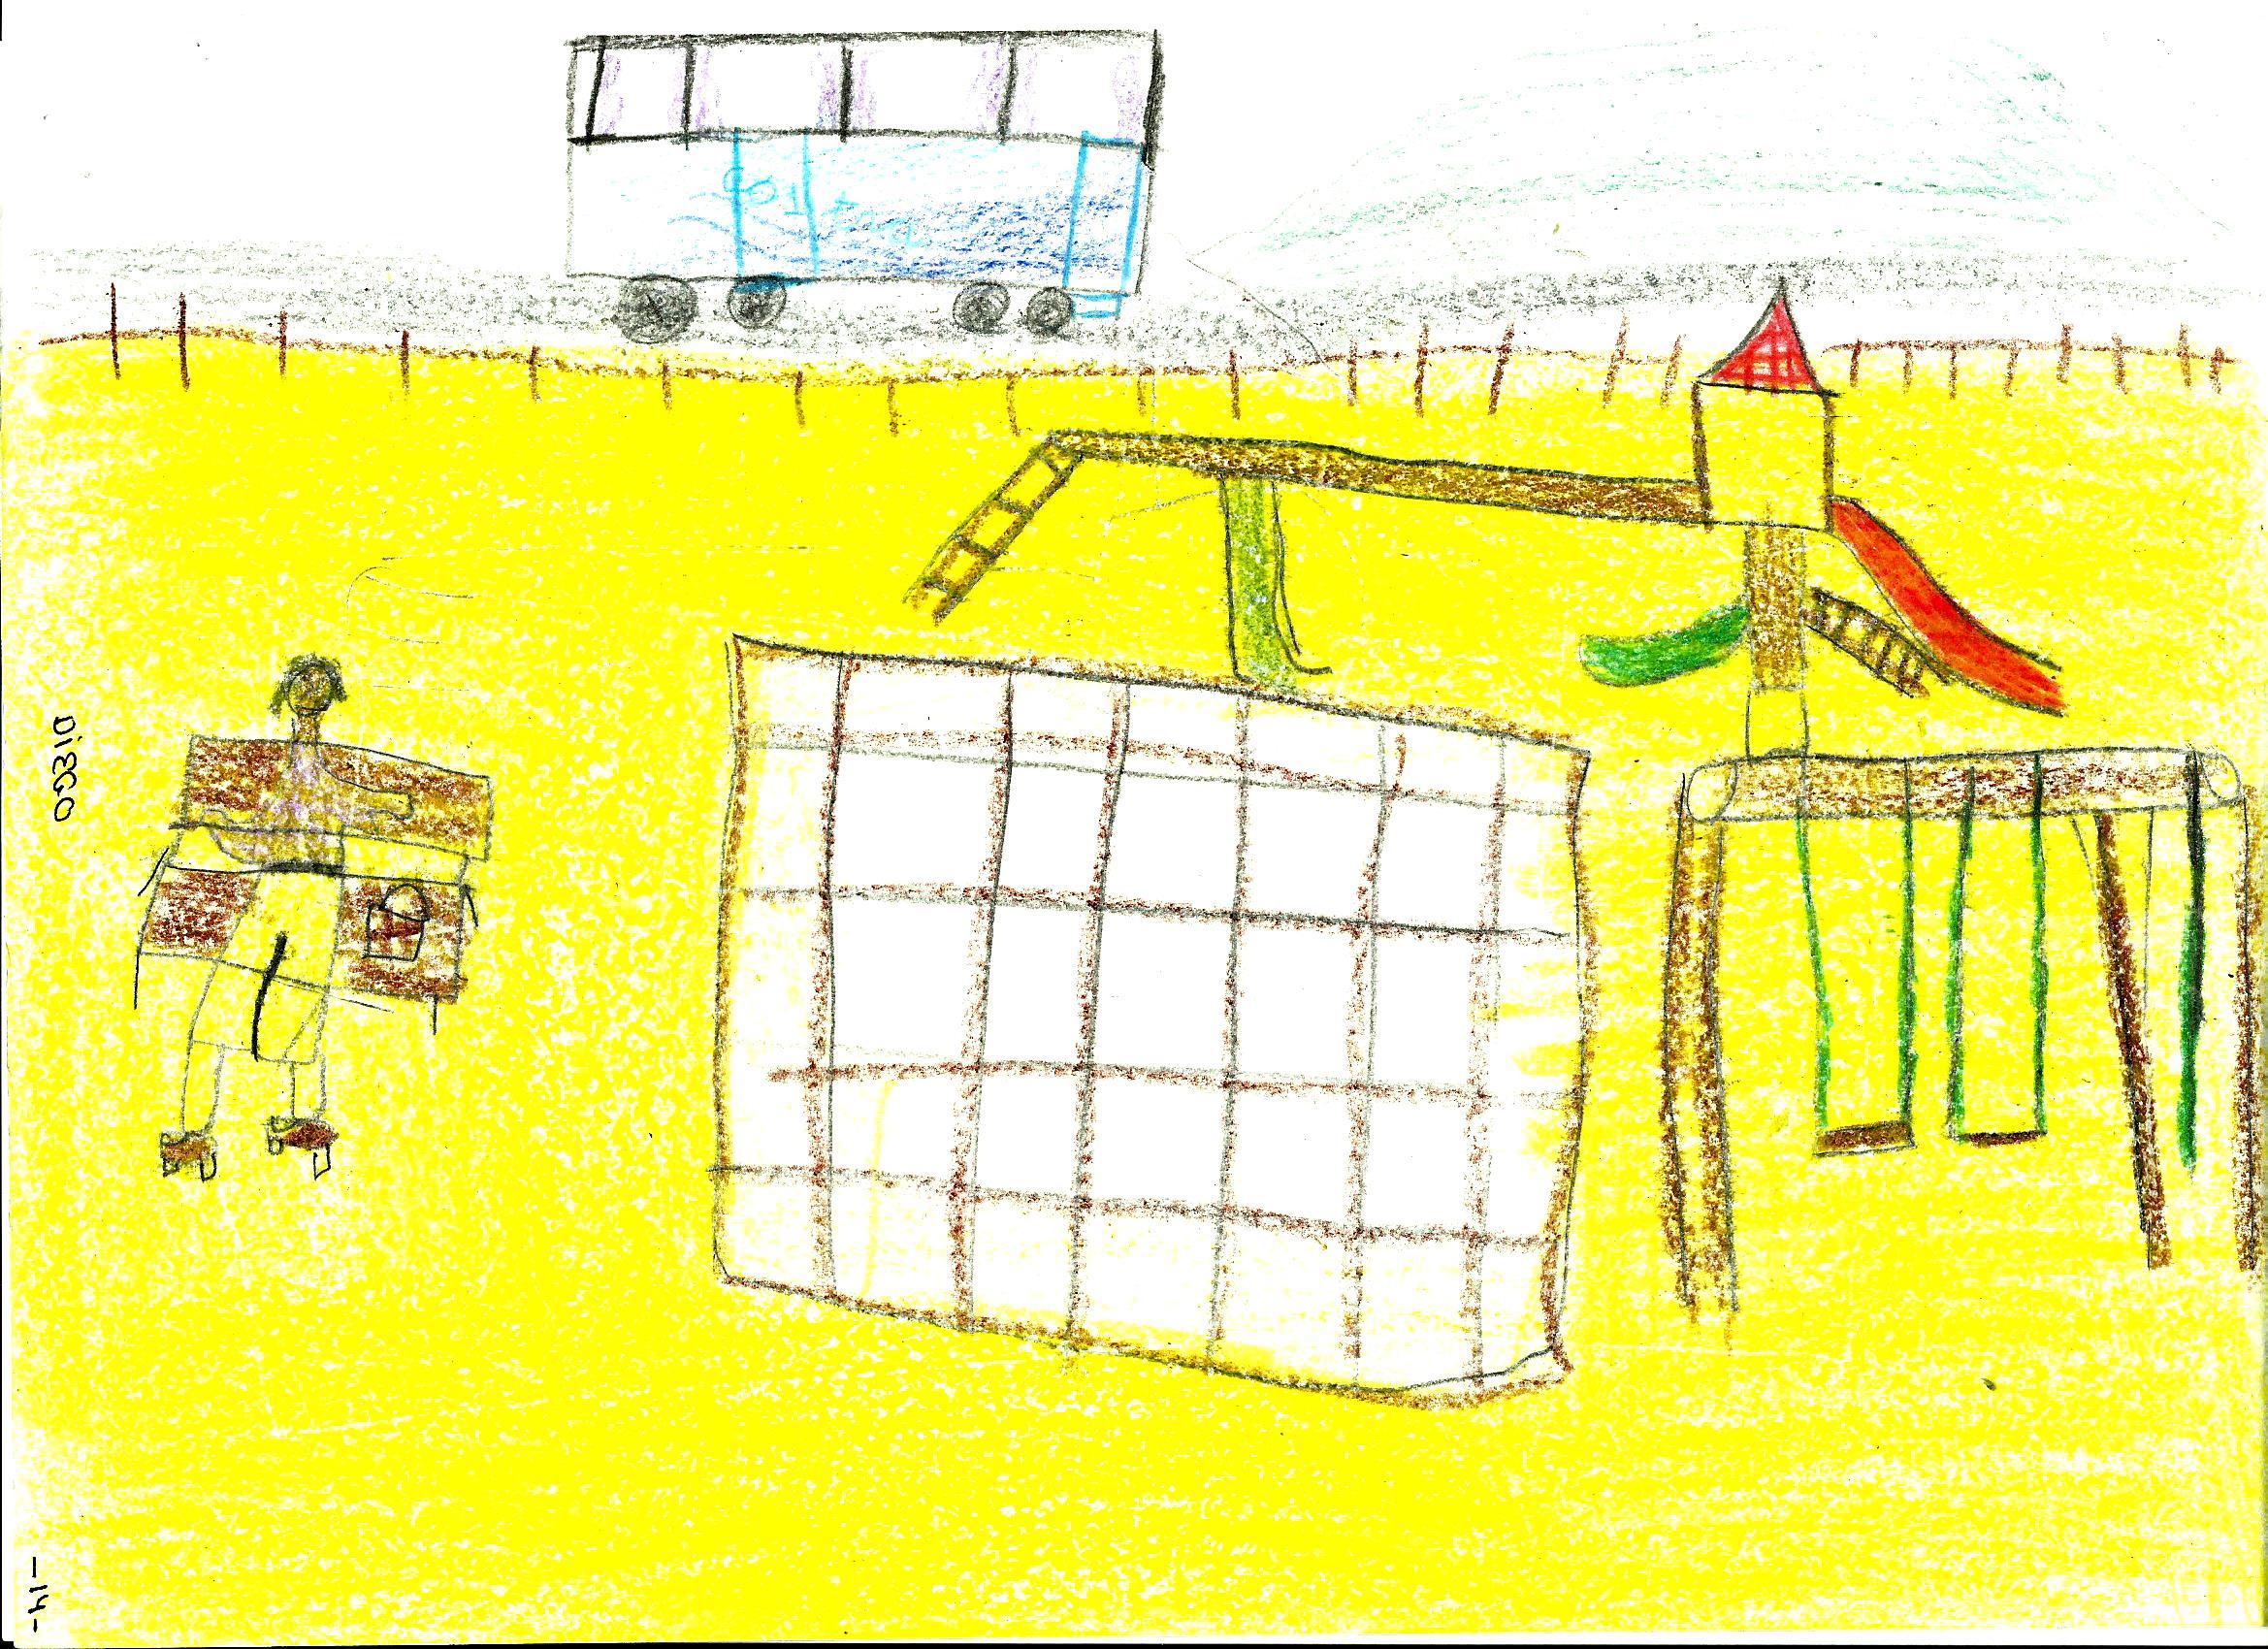 Como hacer un parque infantil great el parque infantil - Como hacer un parque infantil ...